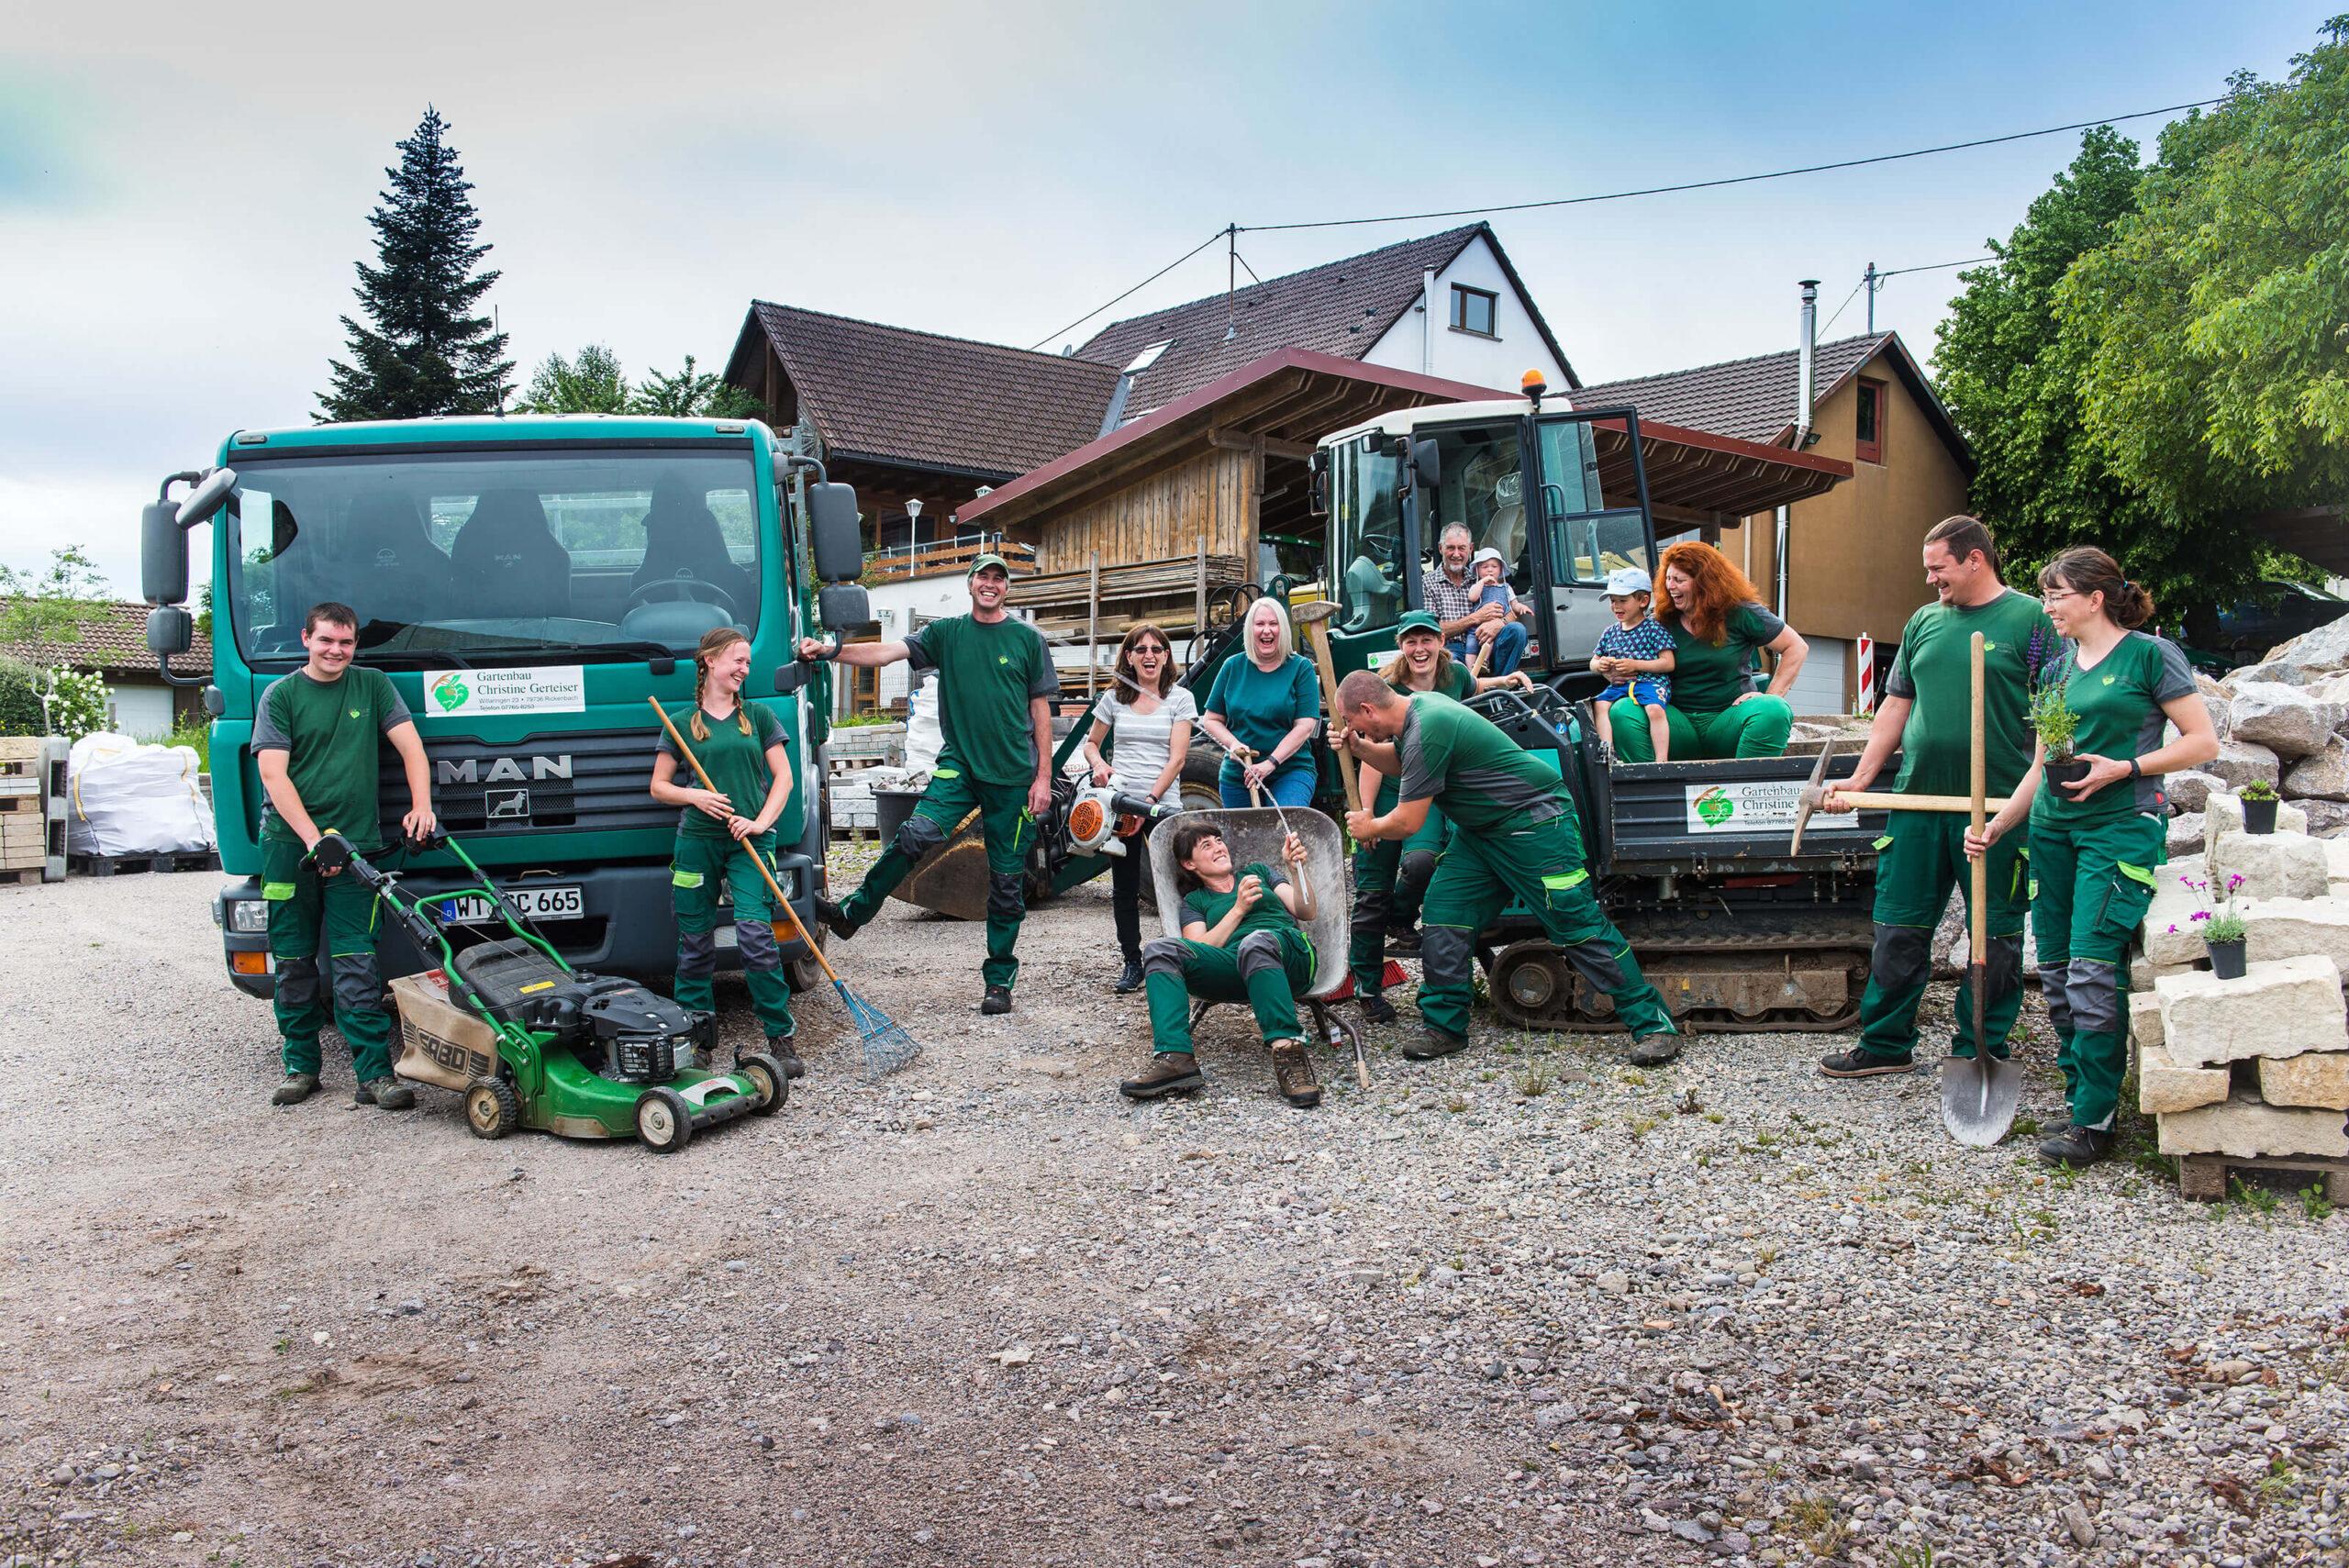 gartenbau-landschaftsbau-individuell-team-gerteiser